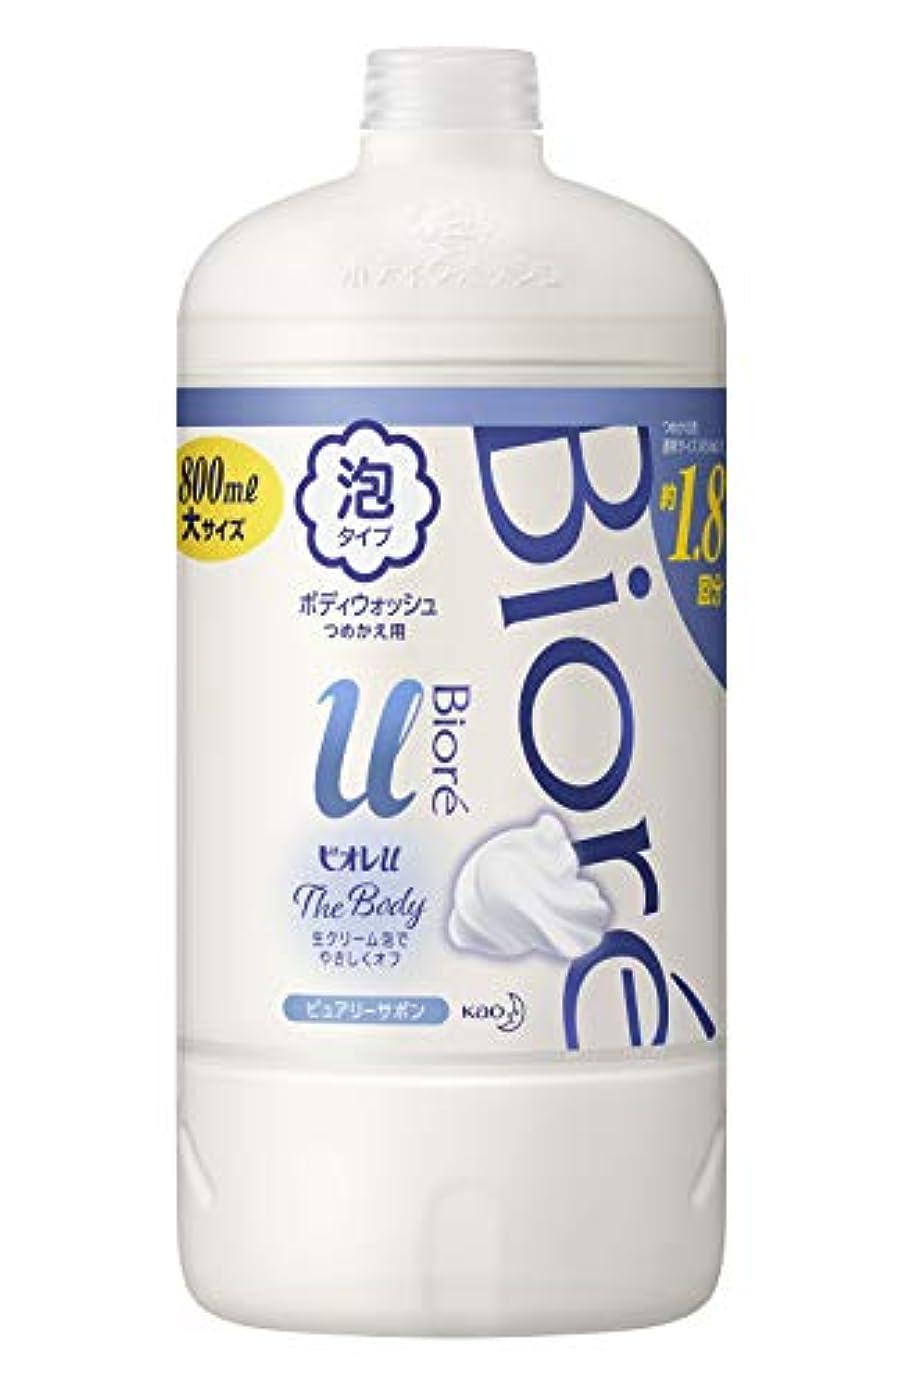 自発的さておき投げ捨てる【大容量】 ビオレu ザ ボディ 〔 The Body 〕 泡タイプ ピュアリーサボンの香り つめかえ用 800ml 「高潤滑処方の生クリーム泡」 ボディソープ 清潔感のあるピュアリーサボンの香り